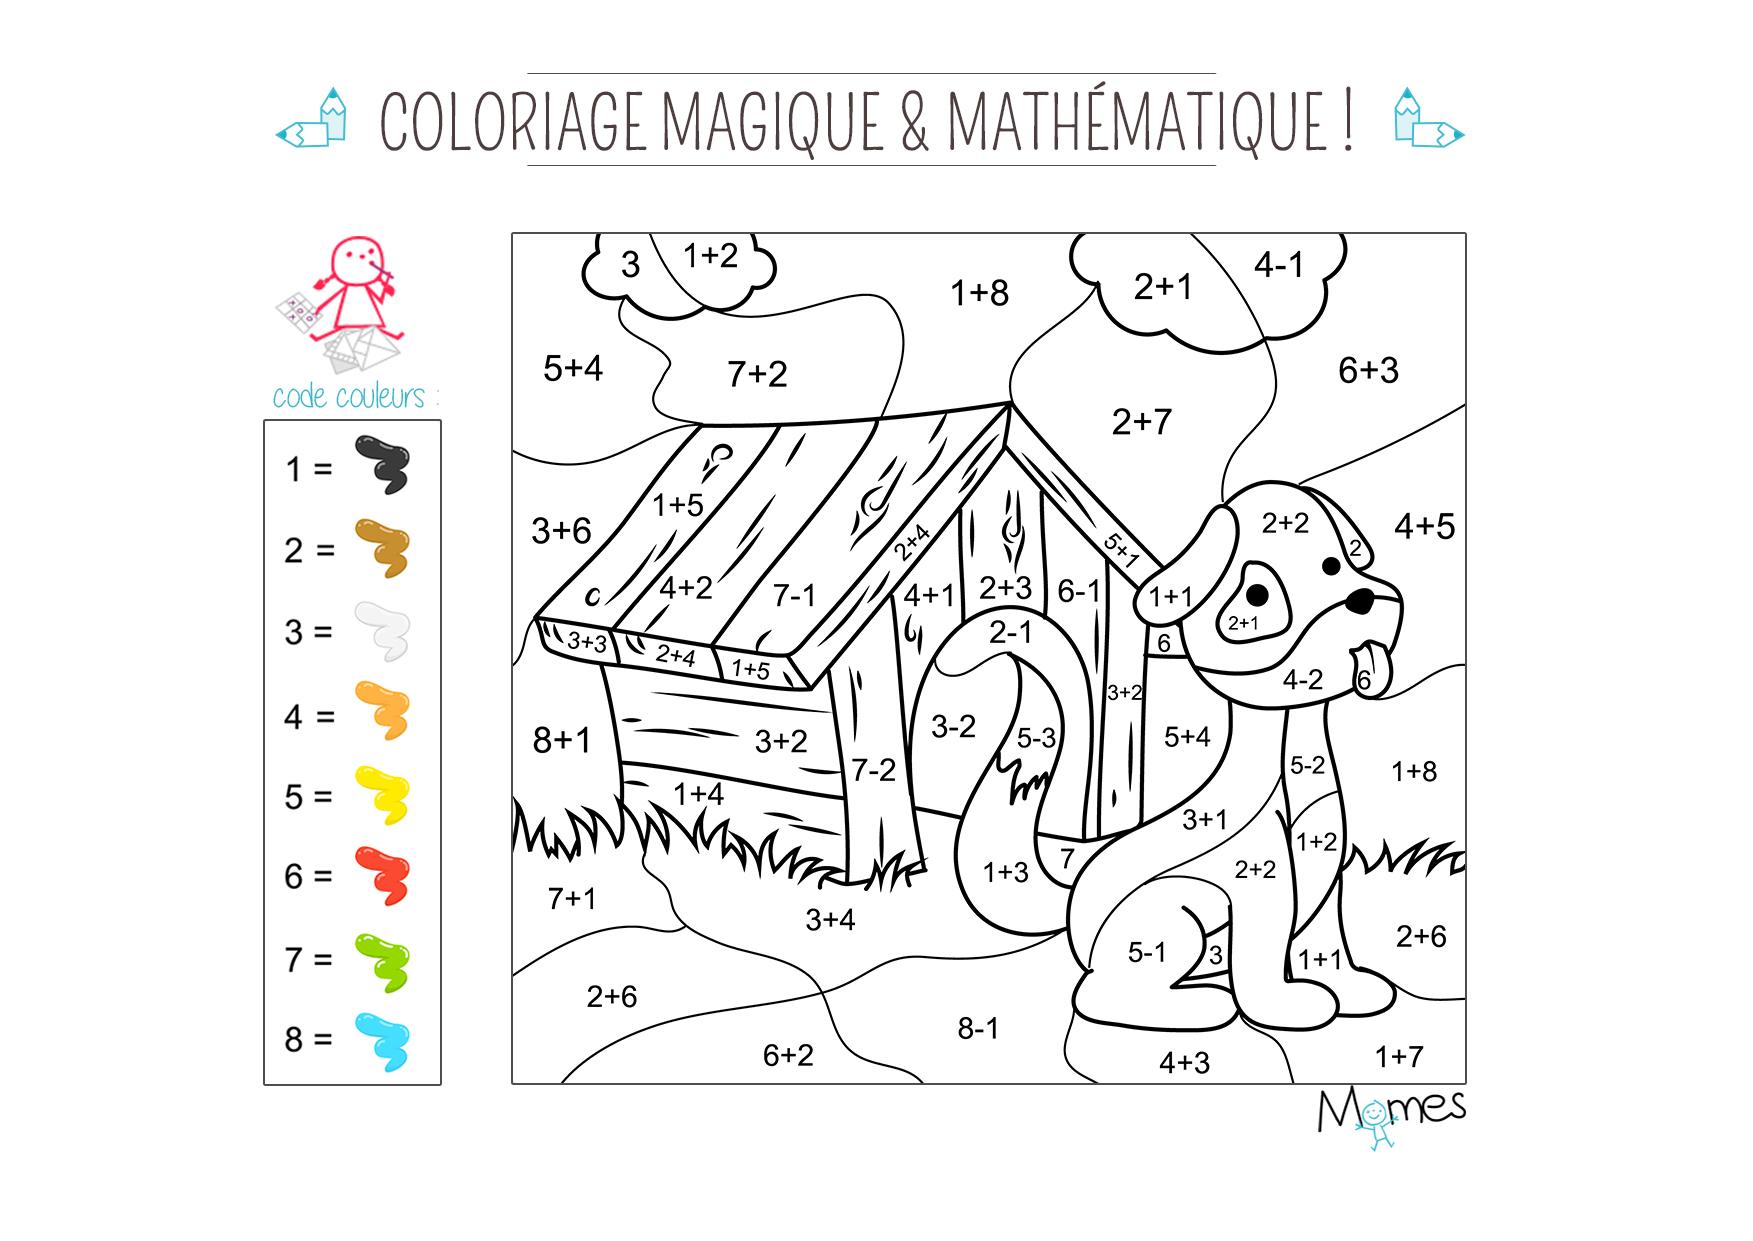 Exceptionnel Coloriage magique et mathématique : le chien - Momes.net KF74